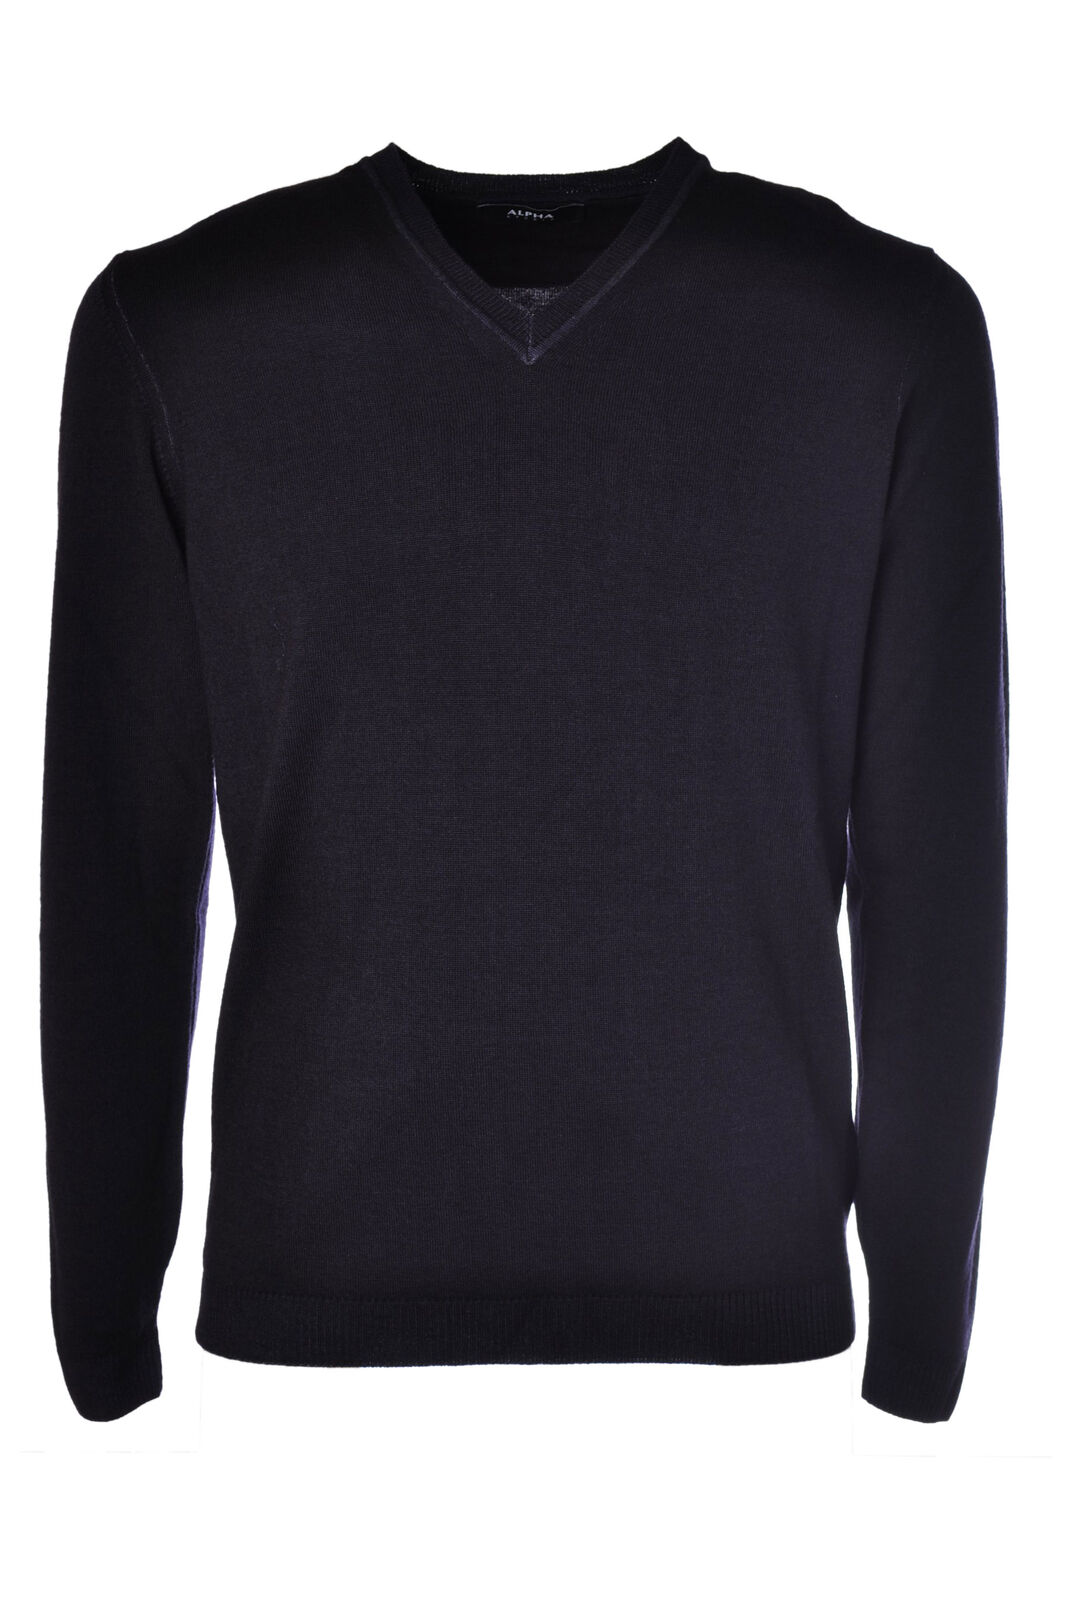 Alpha - Knitwear-Sweaters - Man - Blau - 483015C183926